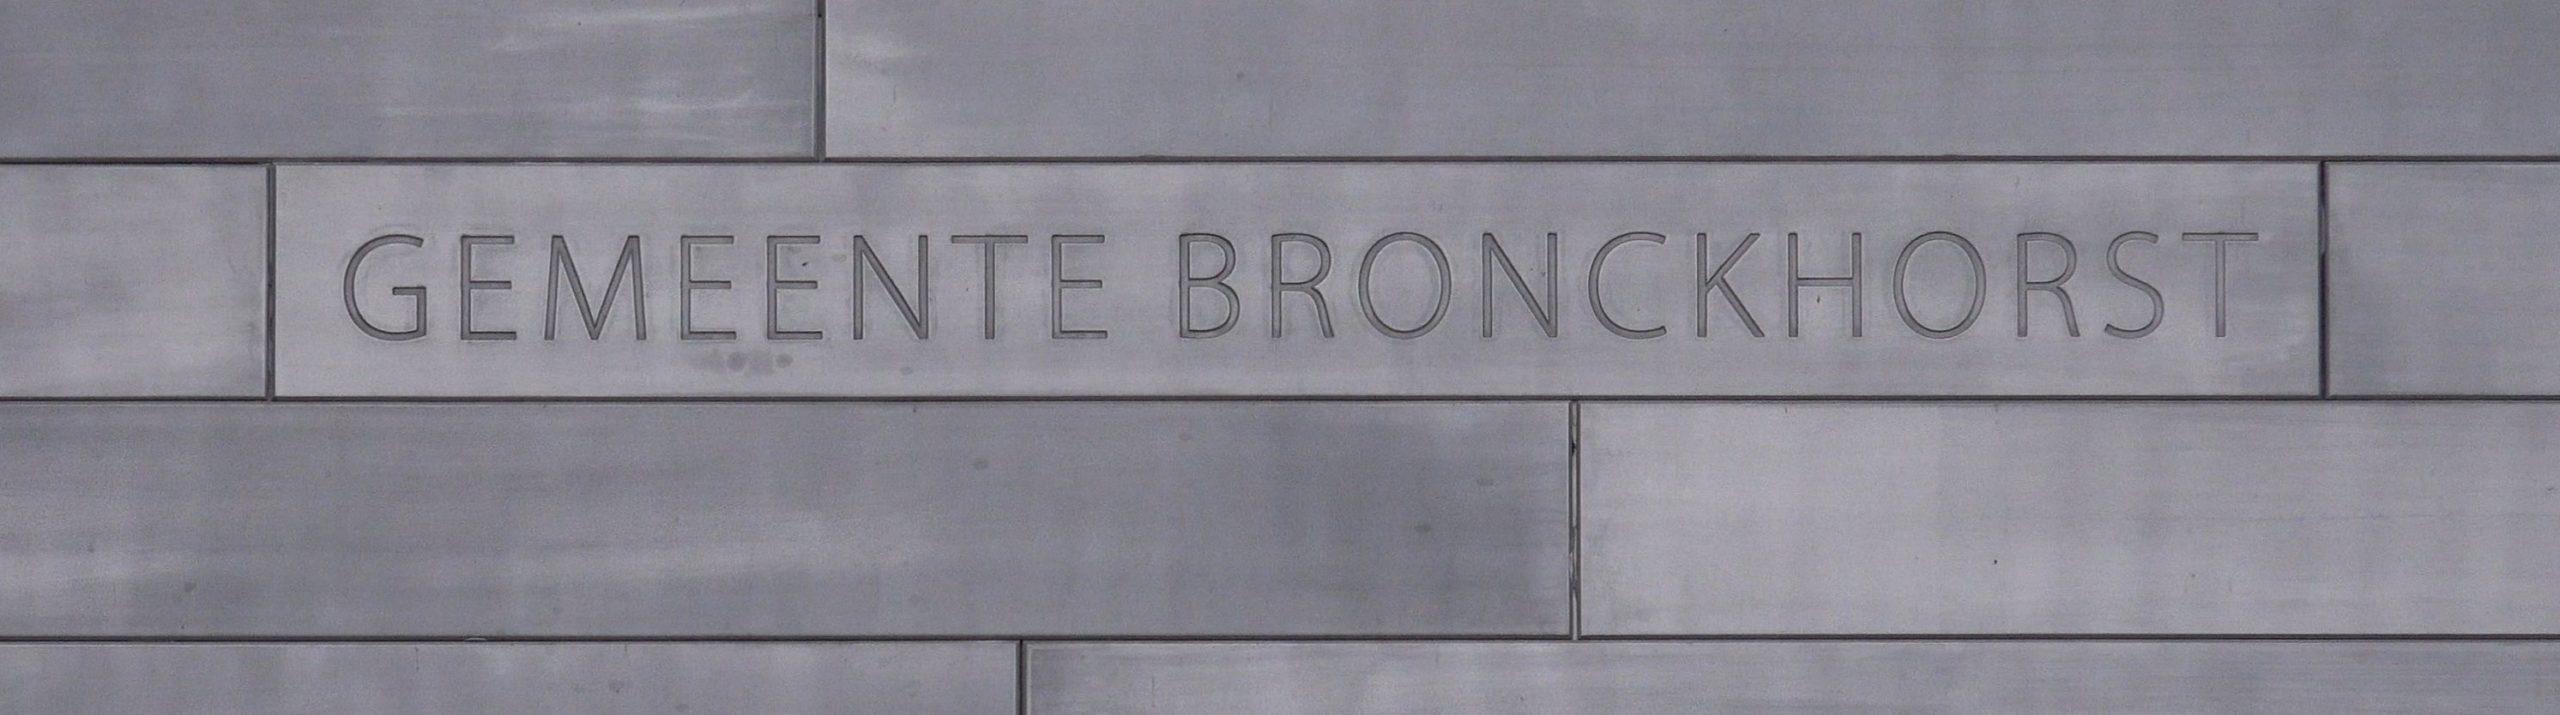 Bronckhorst telt 806 monumenten, 351 rijksmonumenten 455 gemeentelijke monumenten